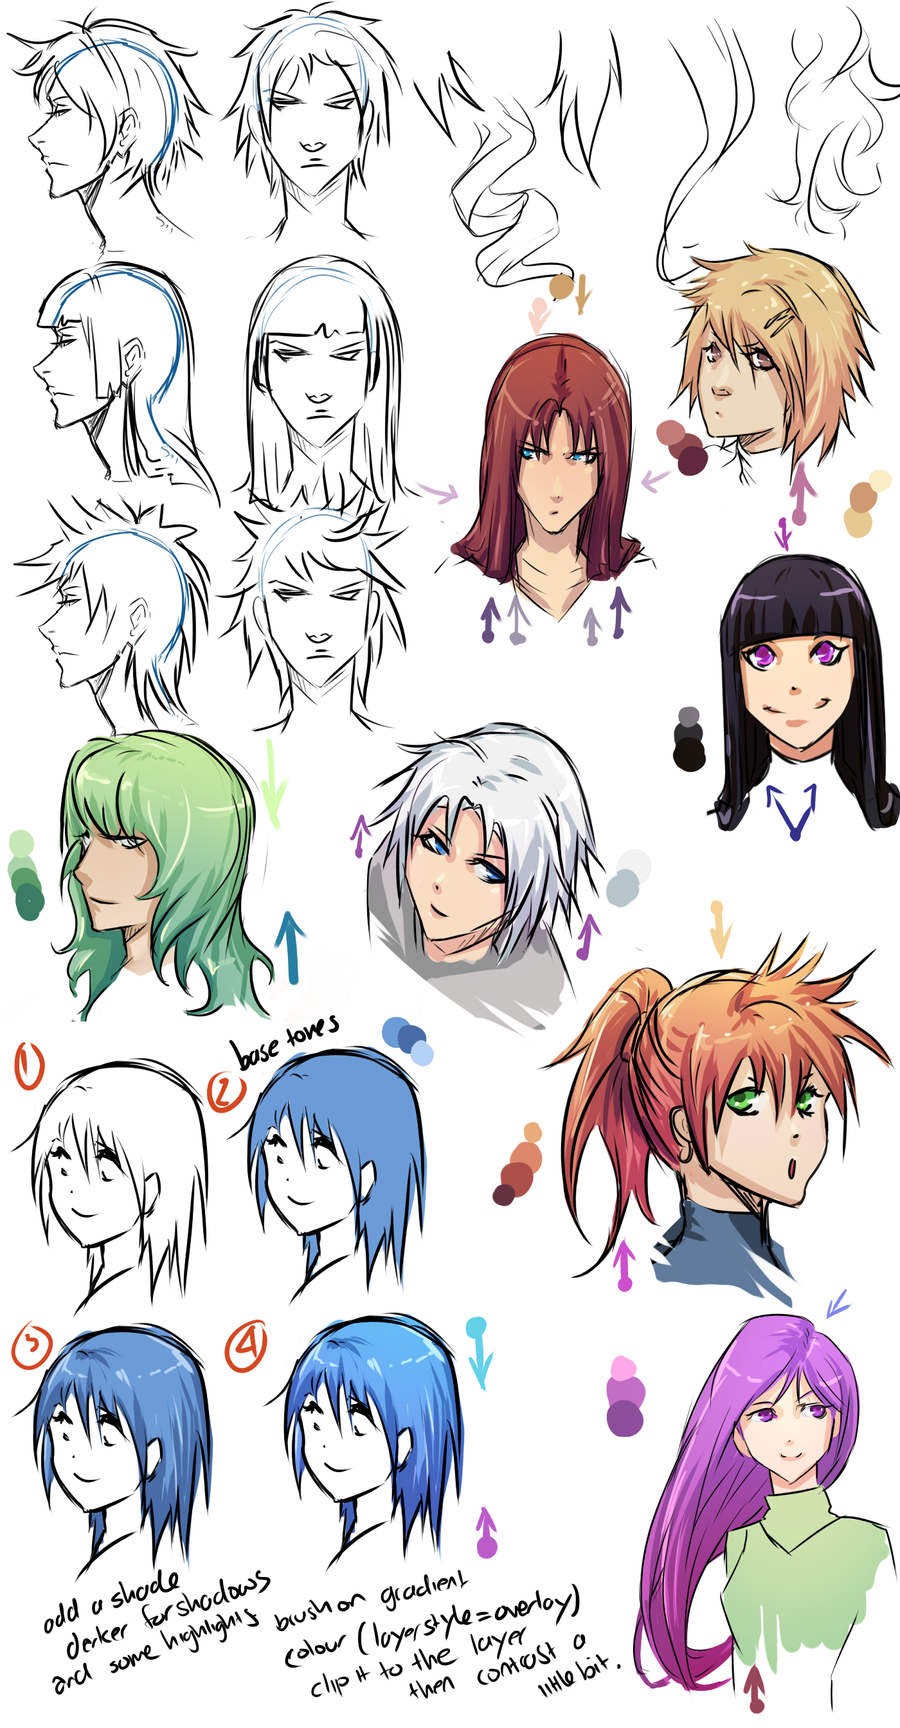 anime hair 5: Cell Shading Anime Hair By Moni158 On DeviantArt